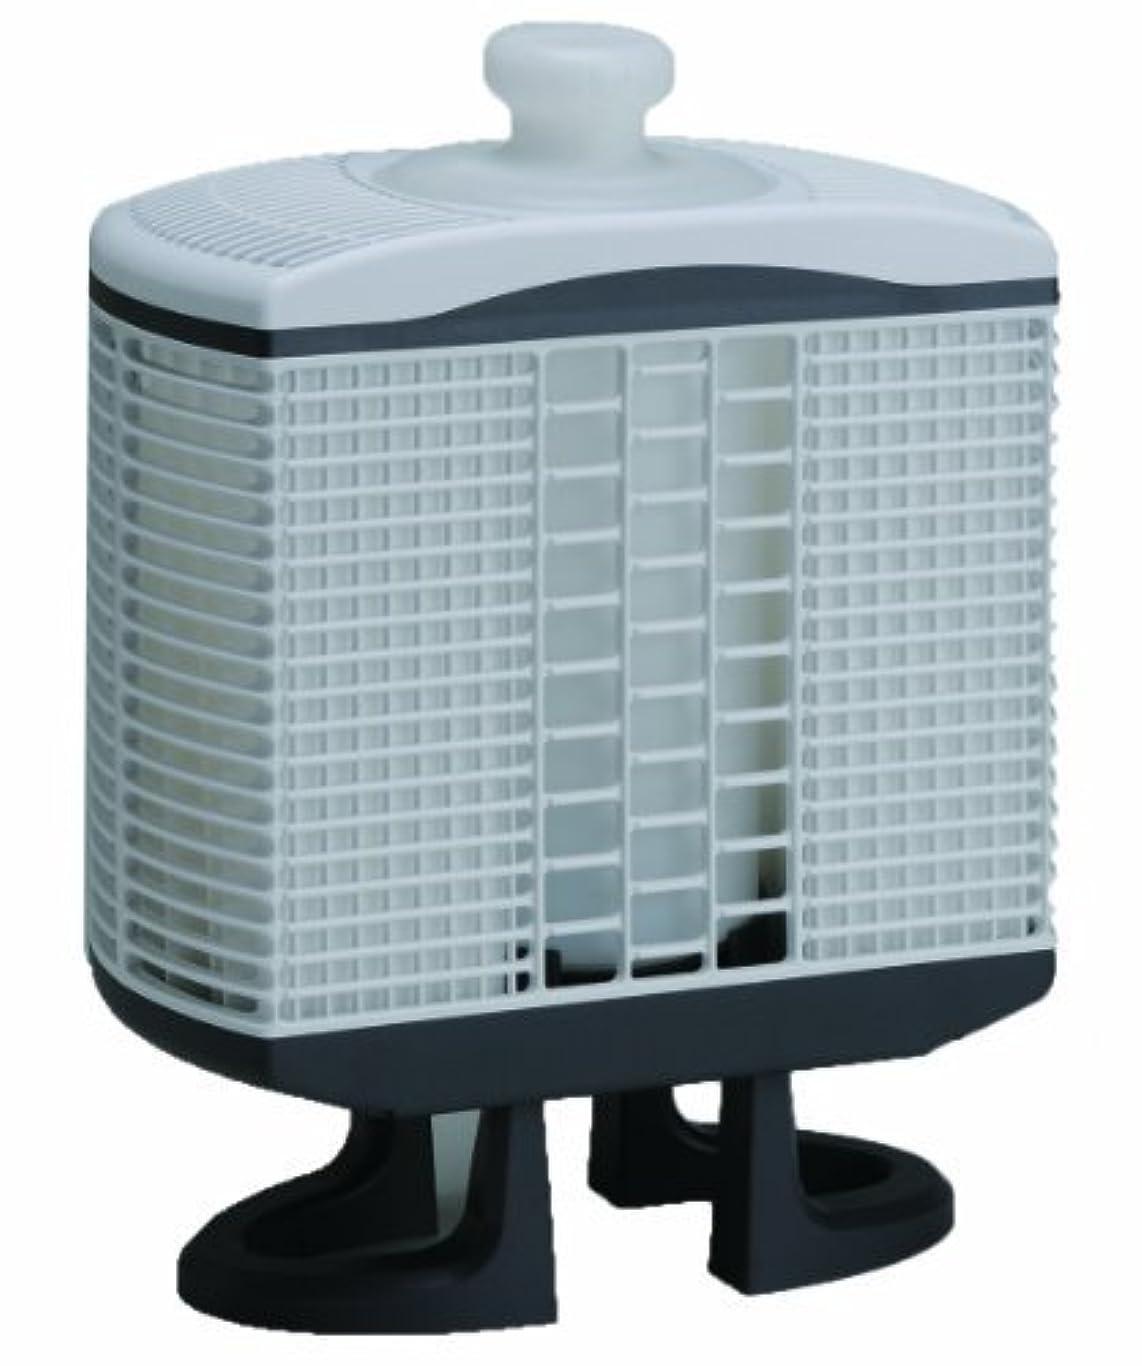 雇った数学勃起セイエイ (Seiei) 電気を使わない加湿器 ガイアモパーソナルタイプ 【まとめ買い3個セット】